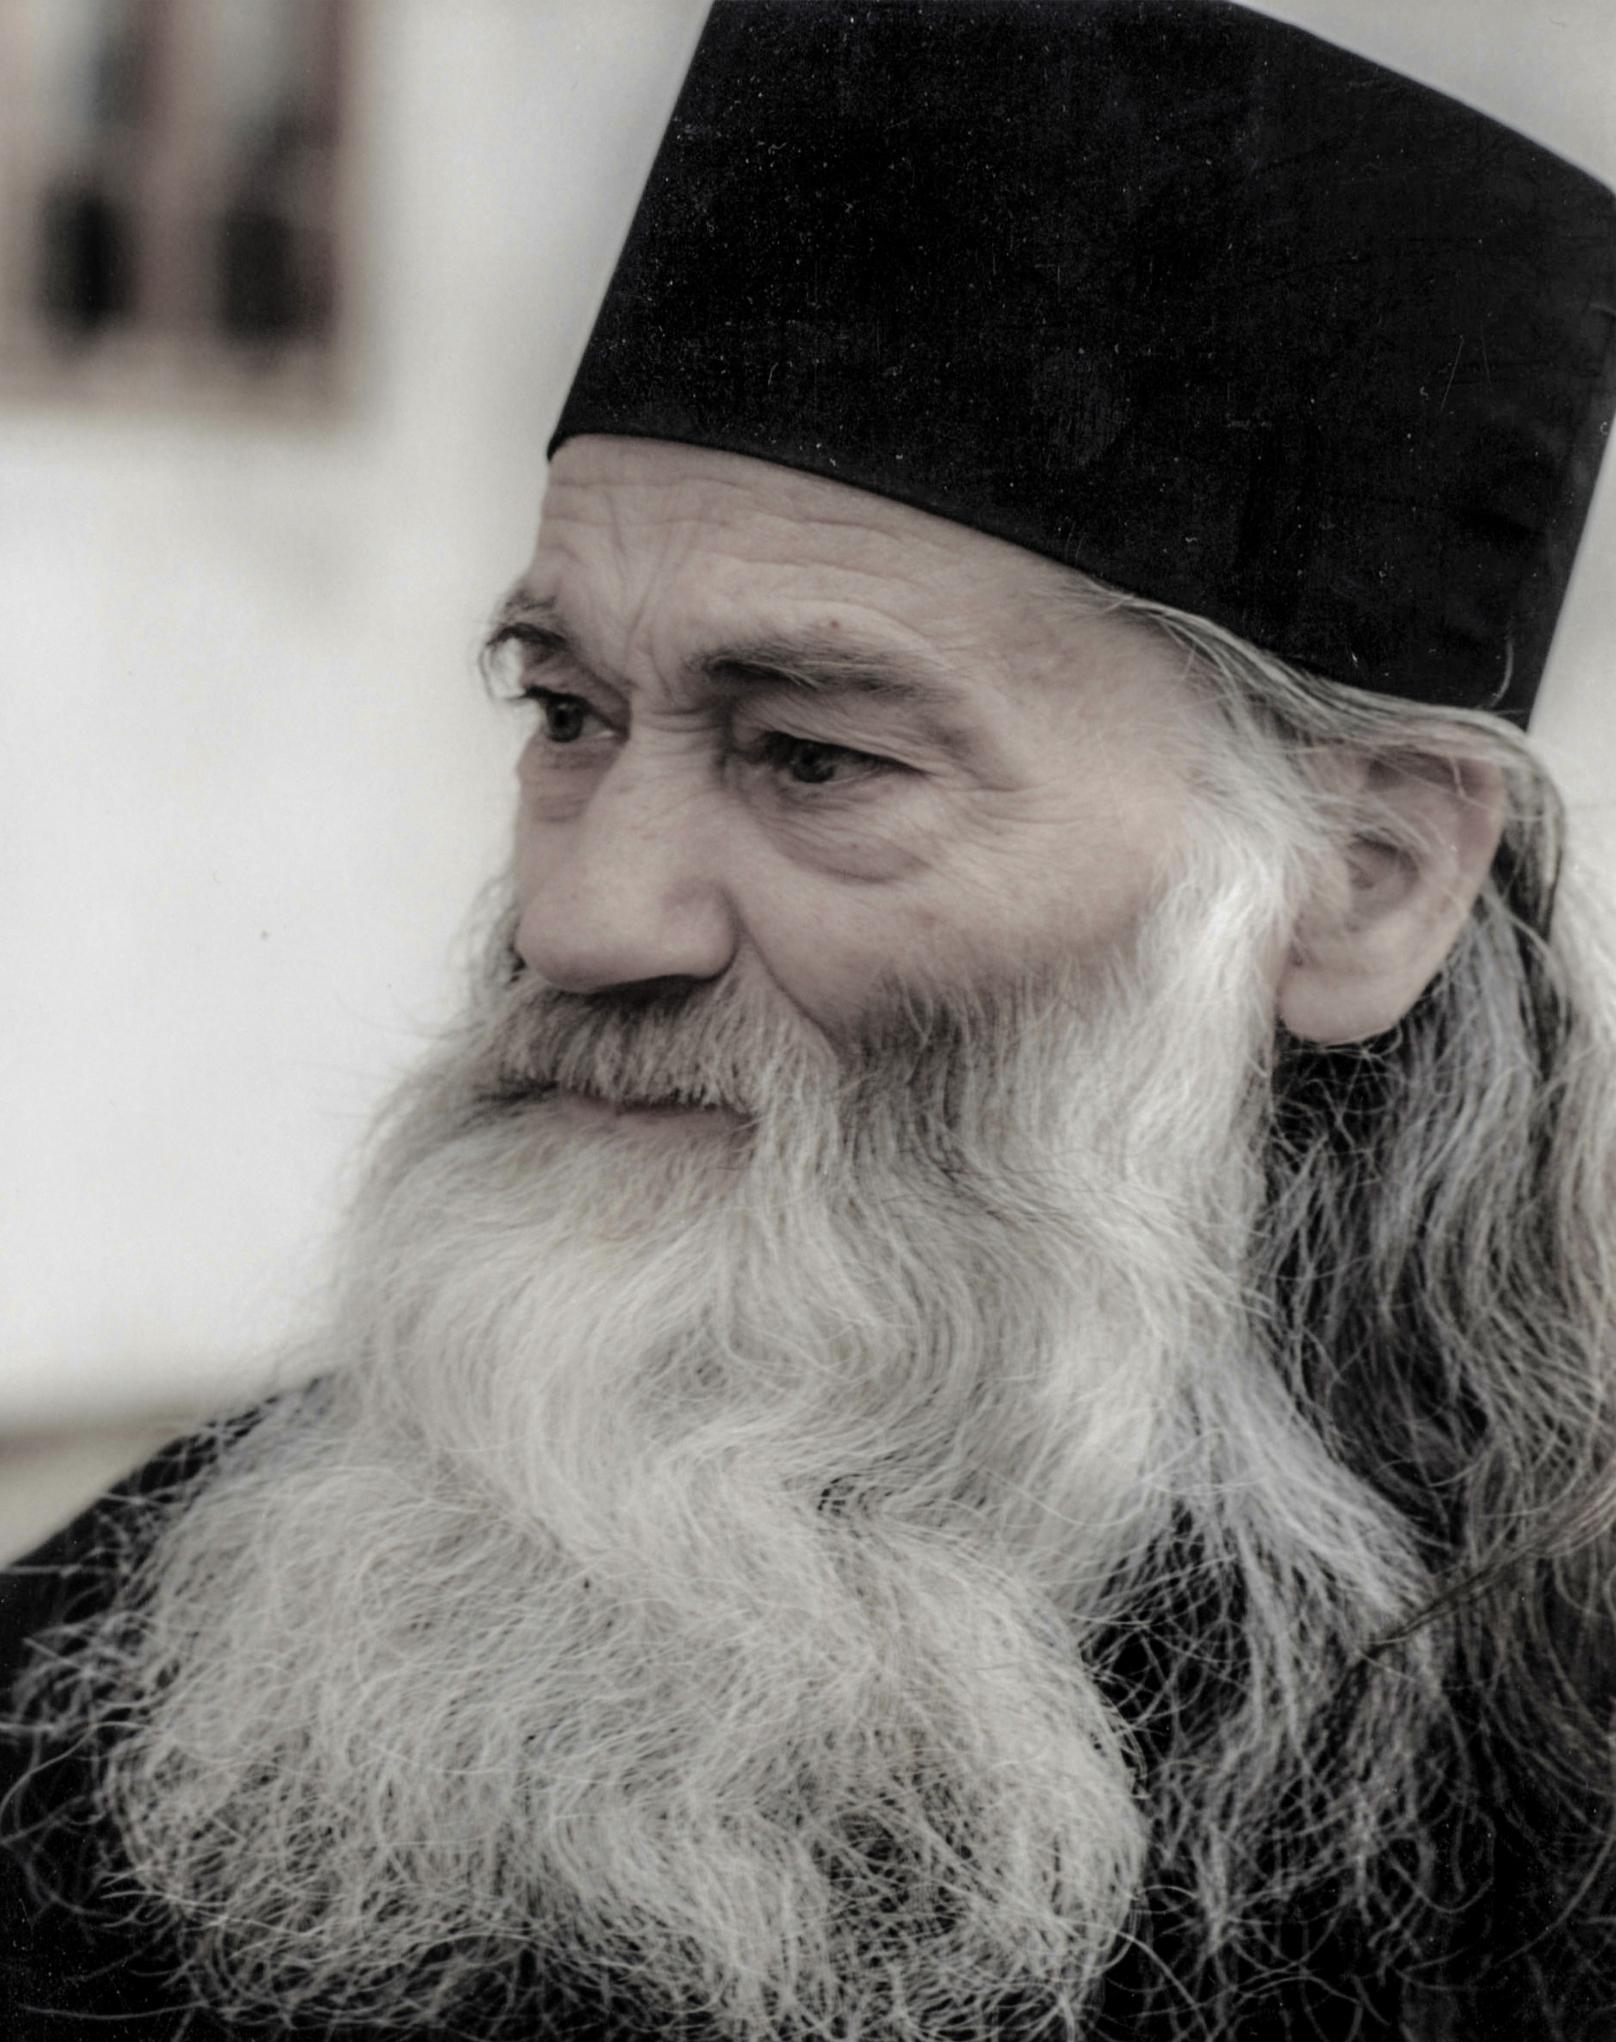 Înregistrări video cu Părintele Justin